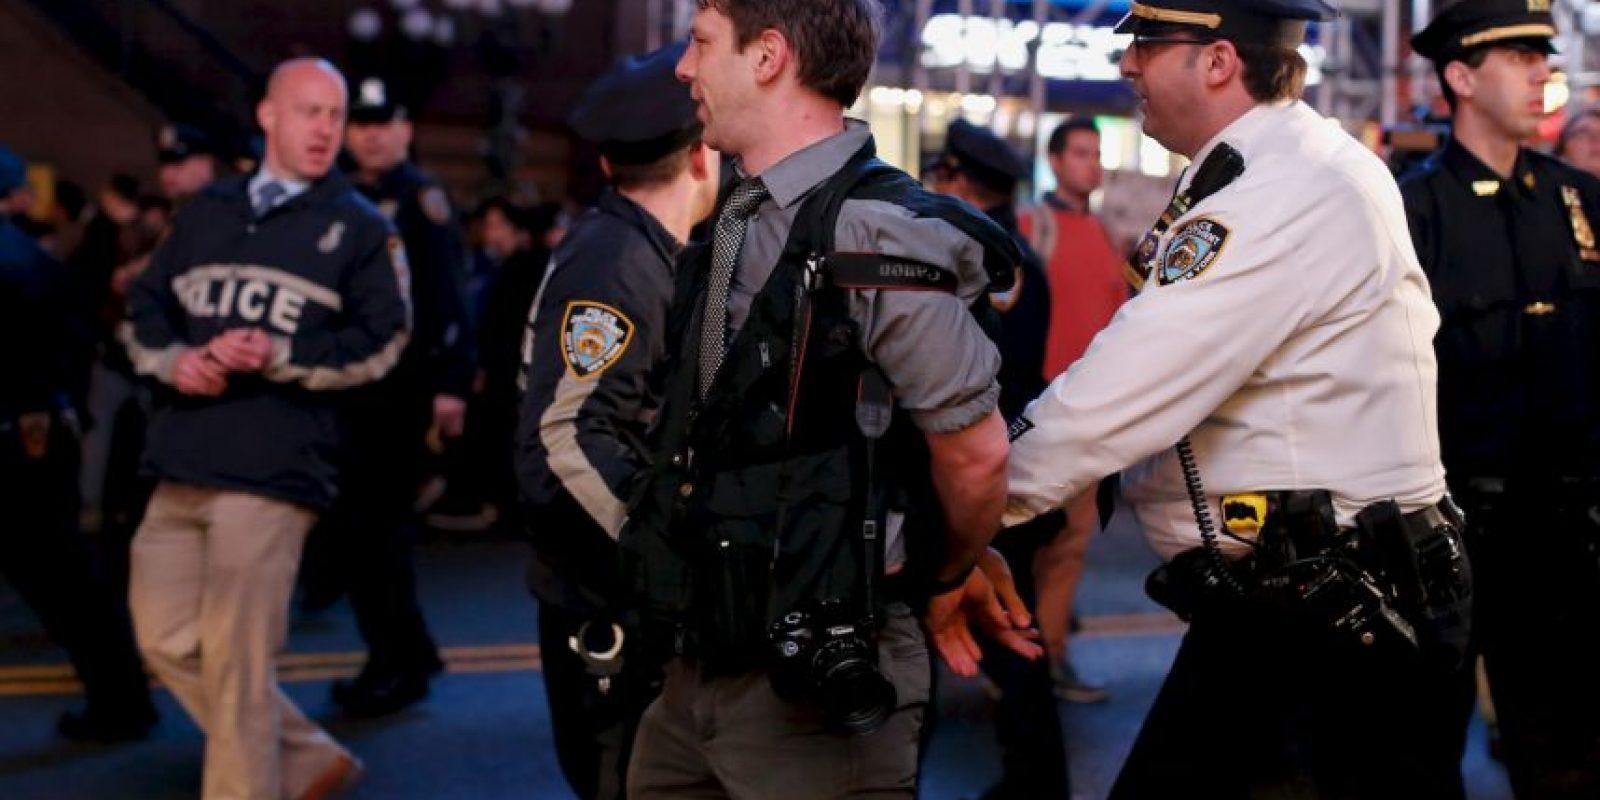 Los disturbios que se produjeron cuando los manifestantes forcejearon con los agentes. Foto:Getty Images